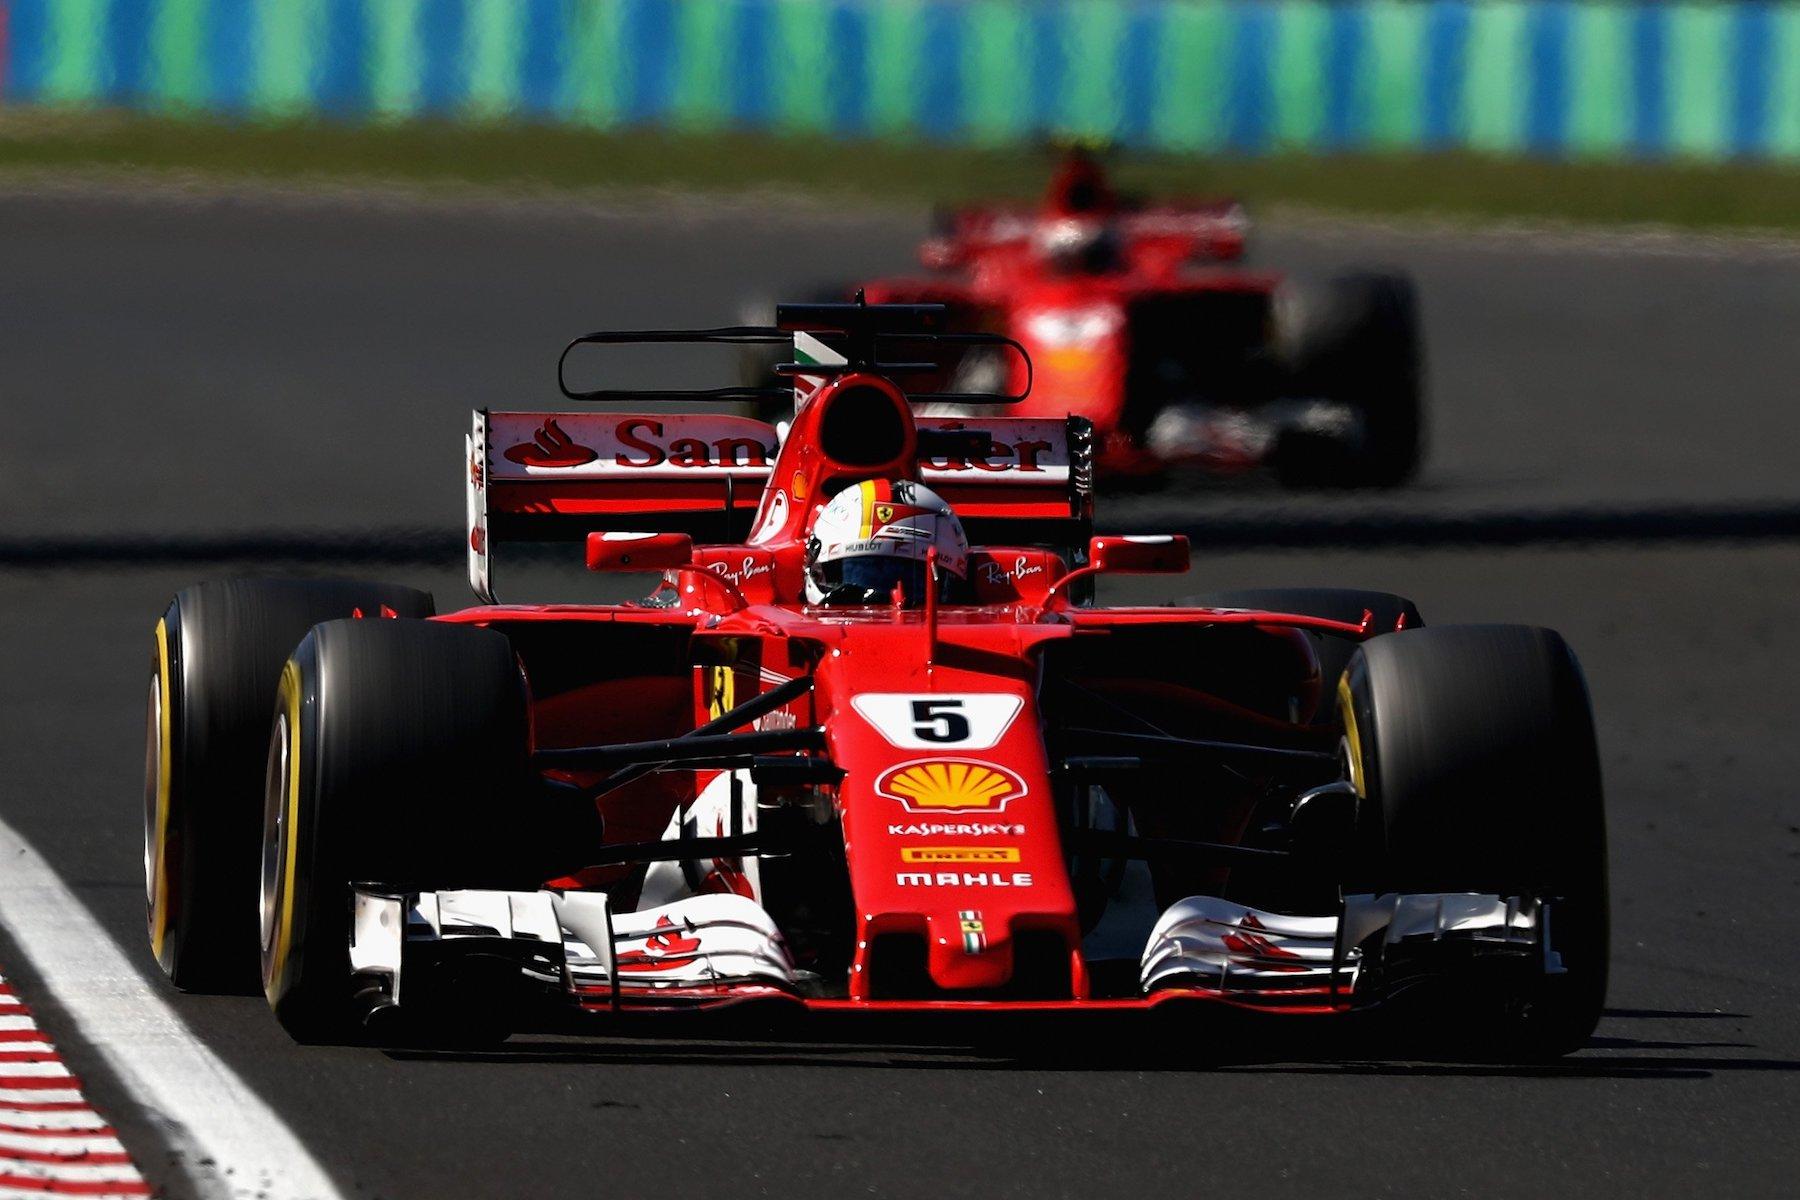 N 2017 Sebastian Vettel | Ferrari SF70H | 2017 Hungarian GP winner 1 copy.jpg